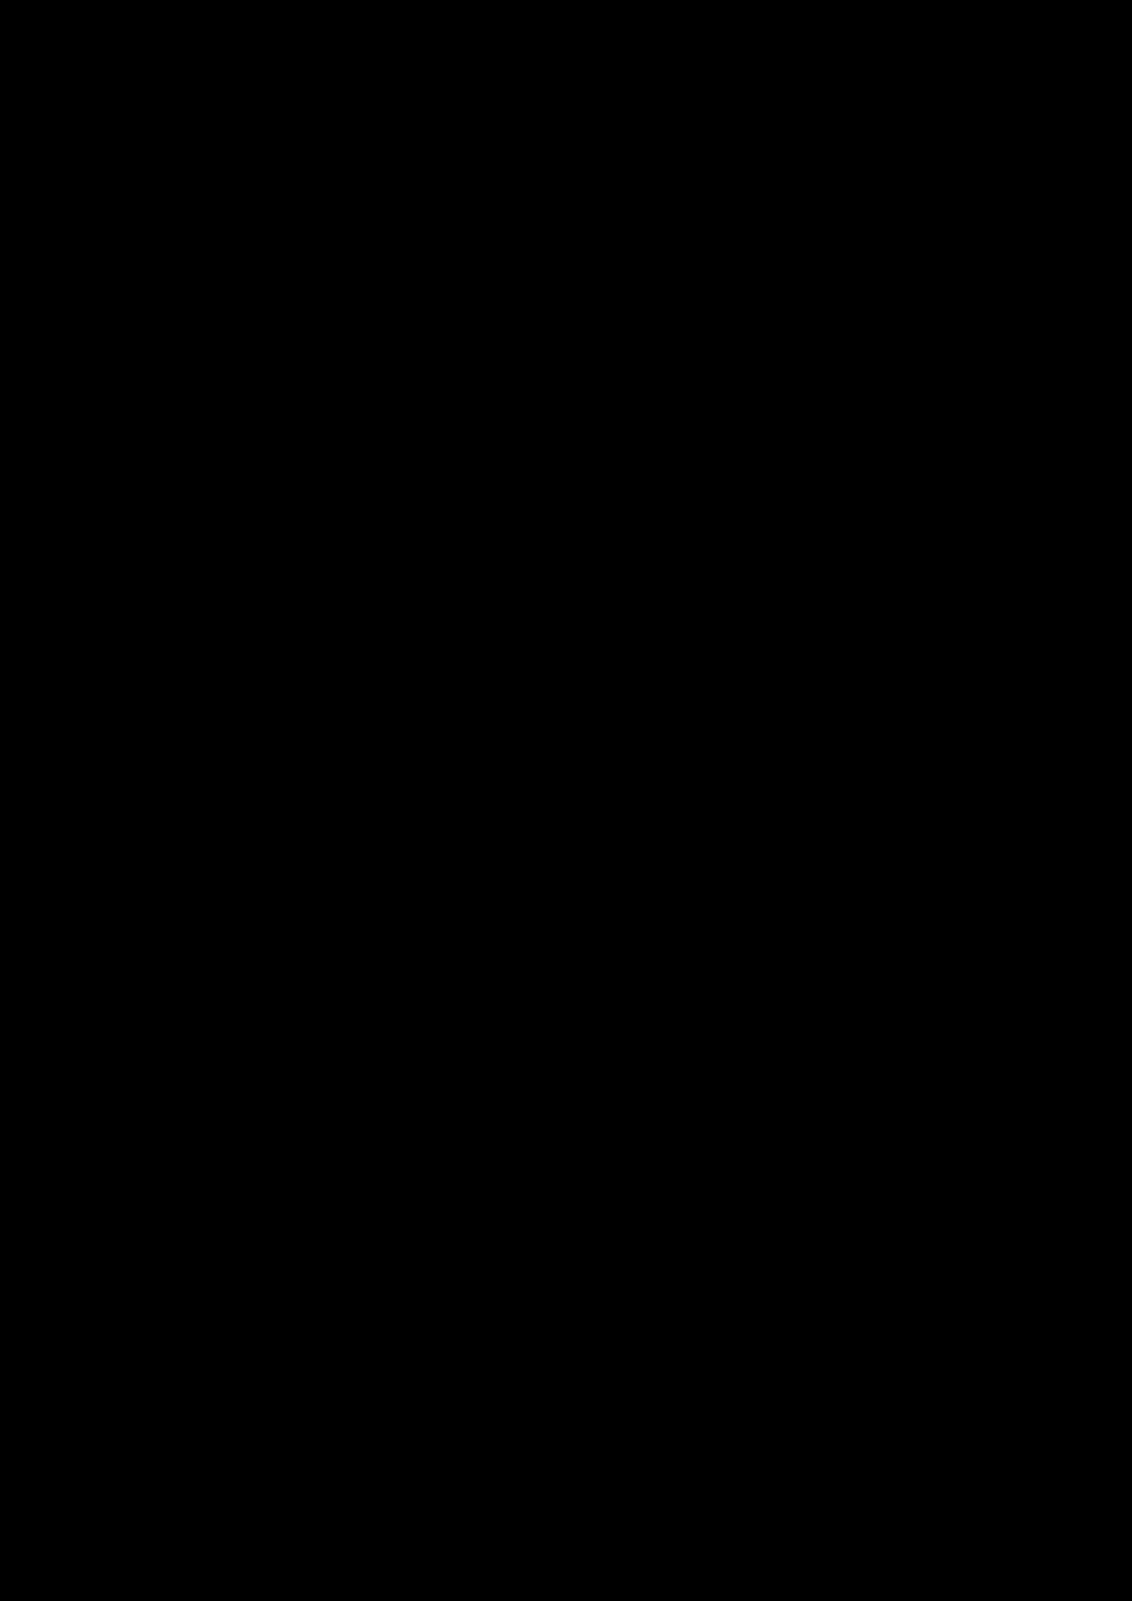 Vyibor Est slide, Image 18